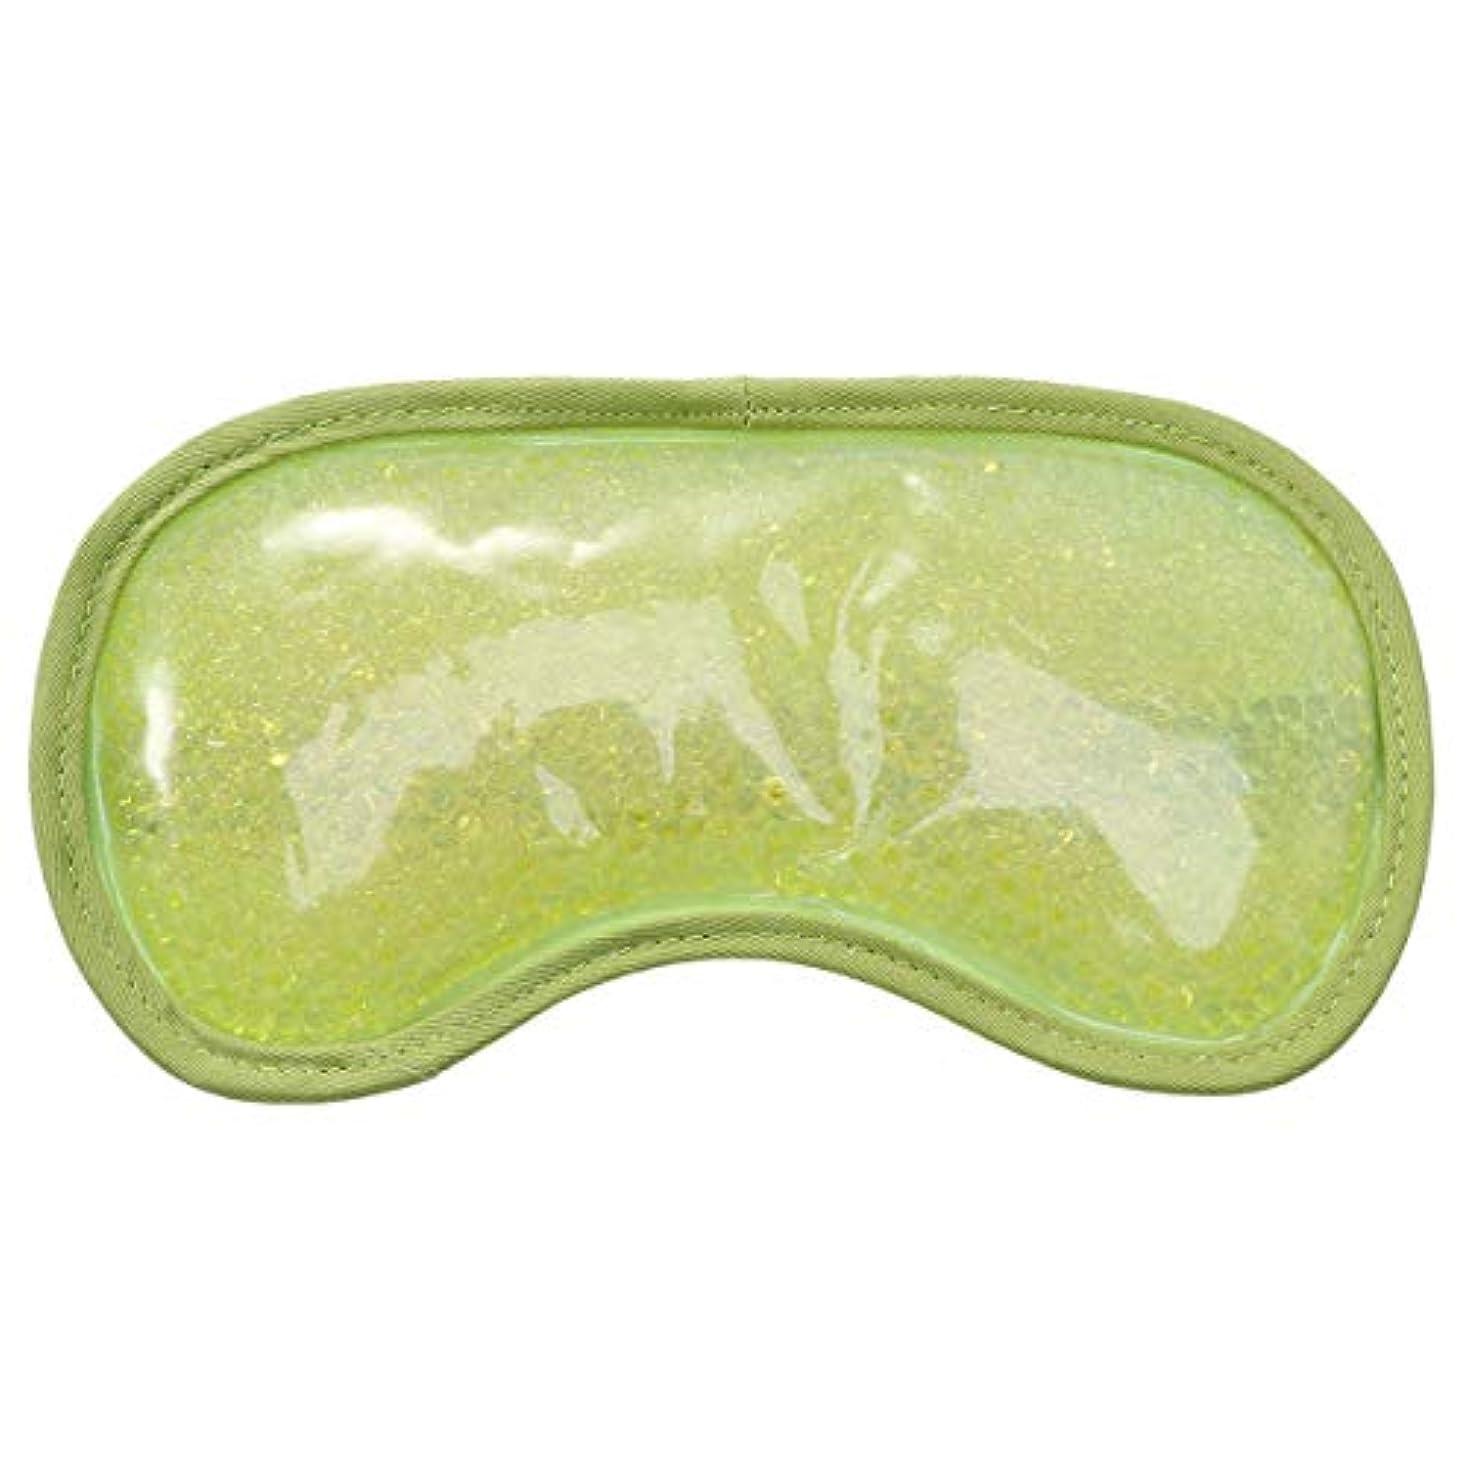 不安定混乱した定数SUPVOX アイマスク ゲル アイスパッド アイアイスパック 温熱 ホット 冷却 パック 再使用可能 目の疲れ軽減 安眠 血行促進(緑)